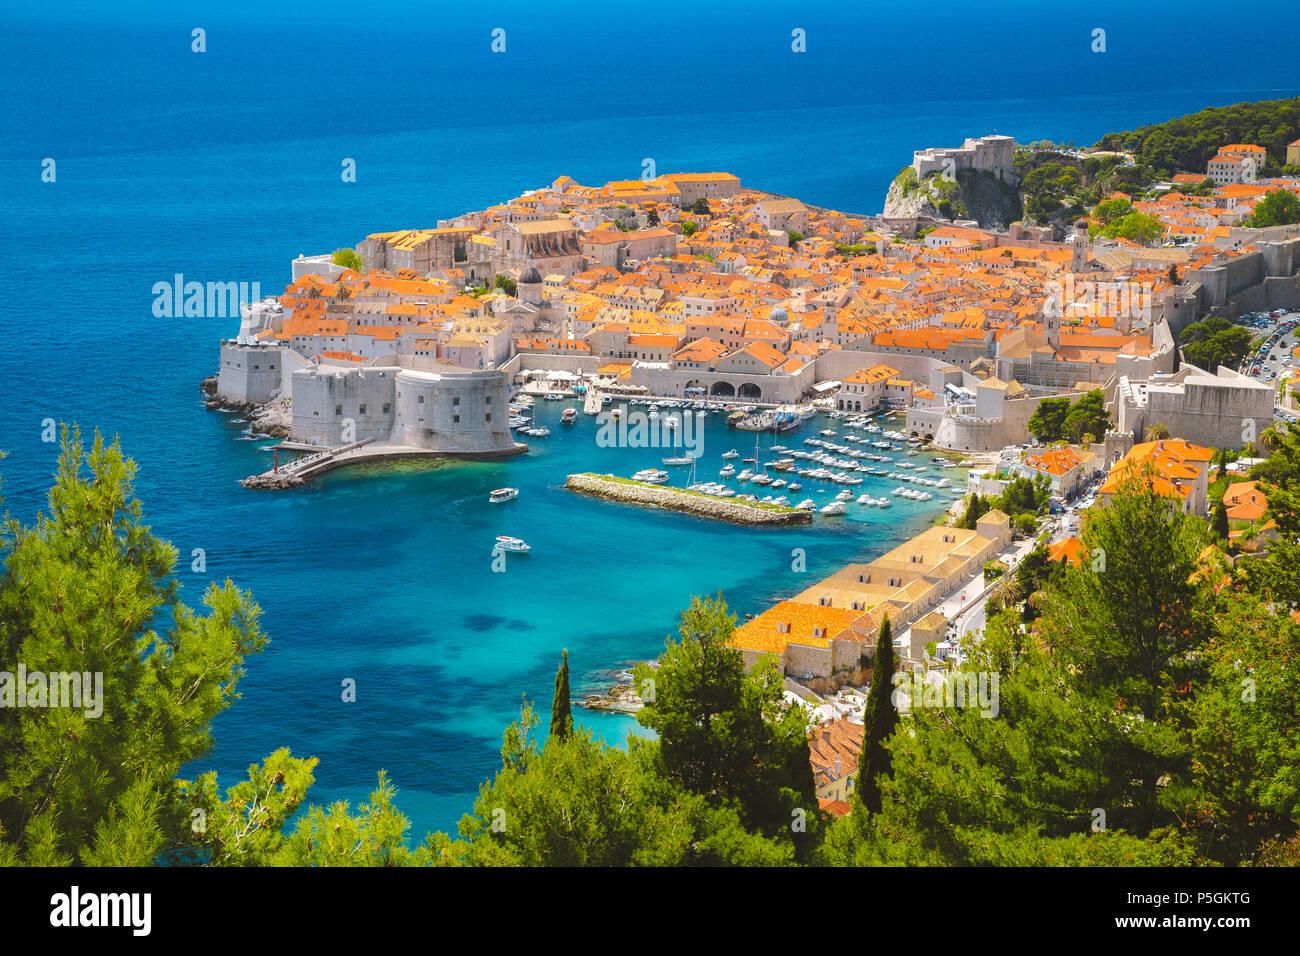 Vue panoramique vue aérienne de la ville historique de Dubrovnik, l'une des plus célèbres destinations touristiques de la Méditerranée, de Srd mountain Photo Stock